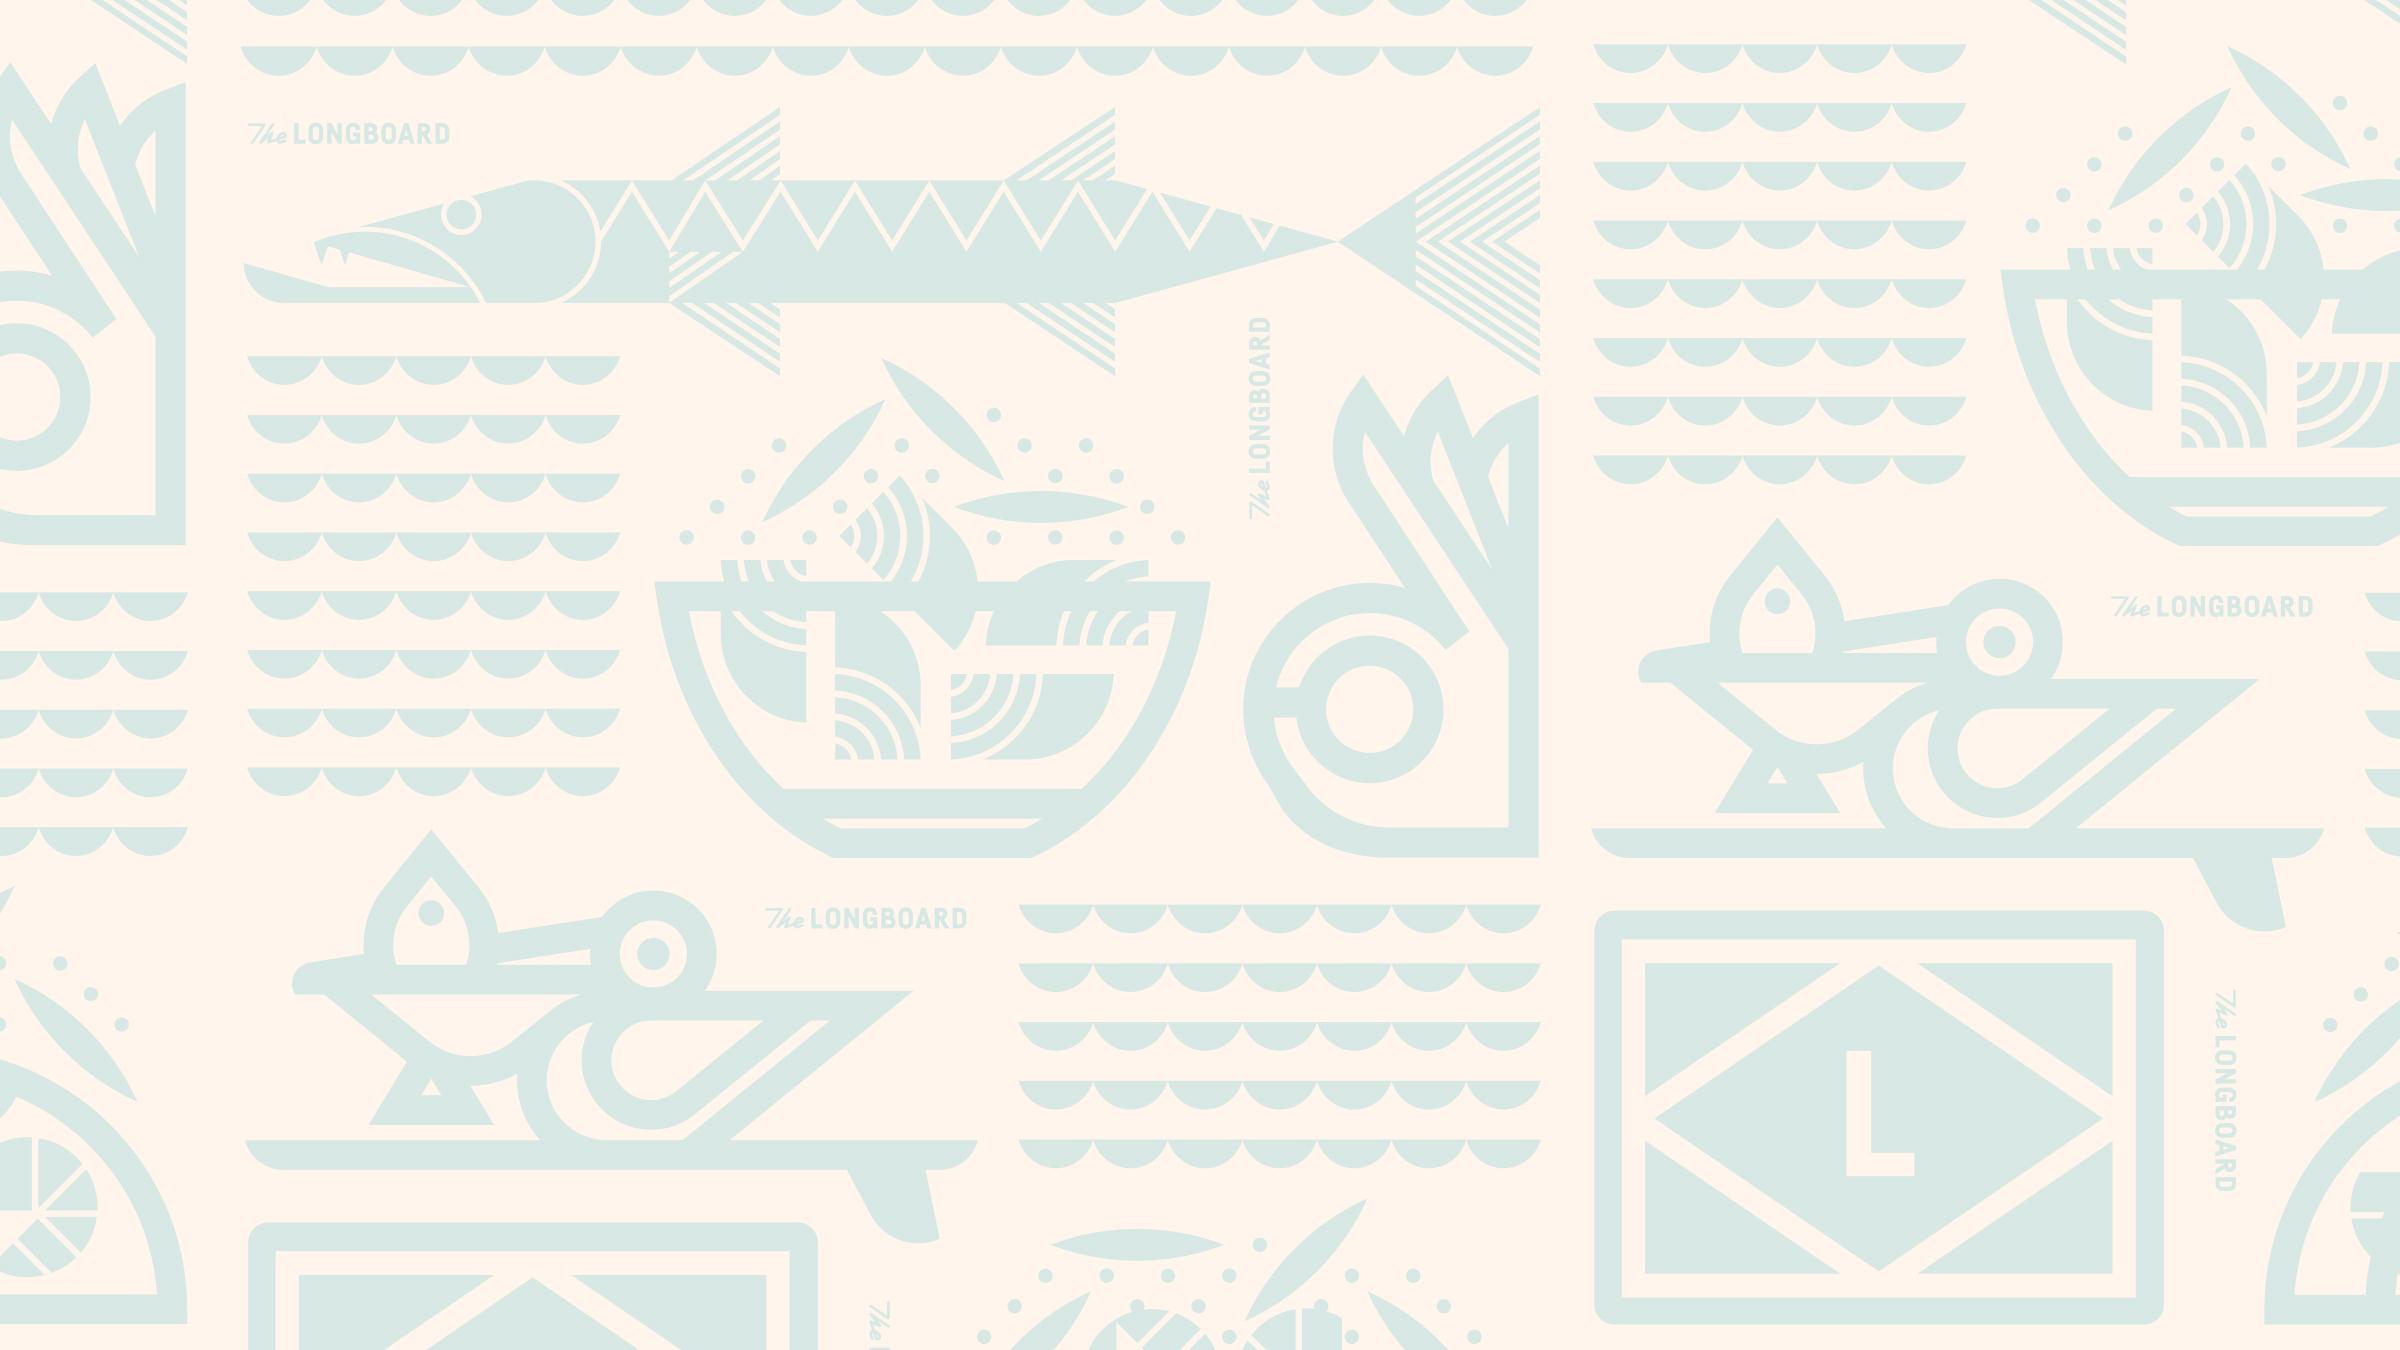 The Longboard Tray Paper Pattern